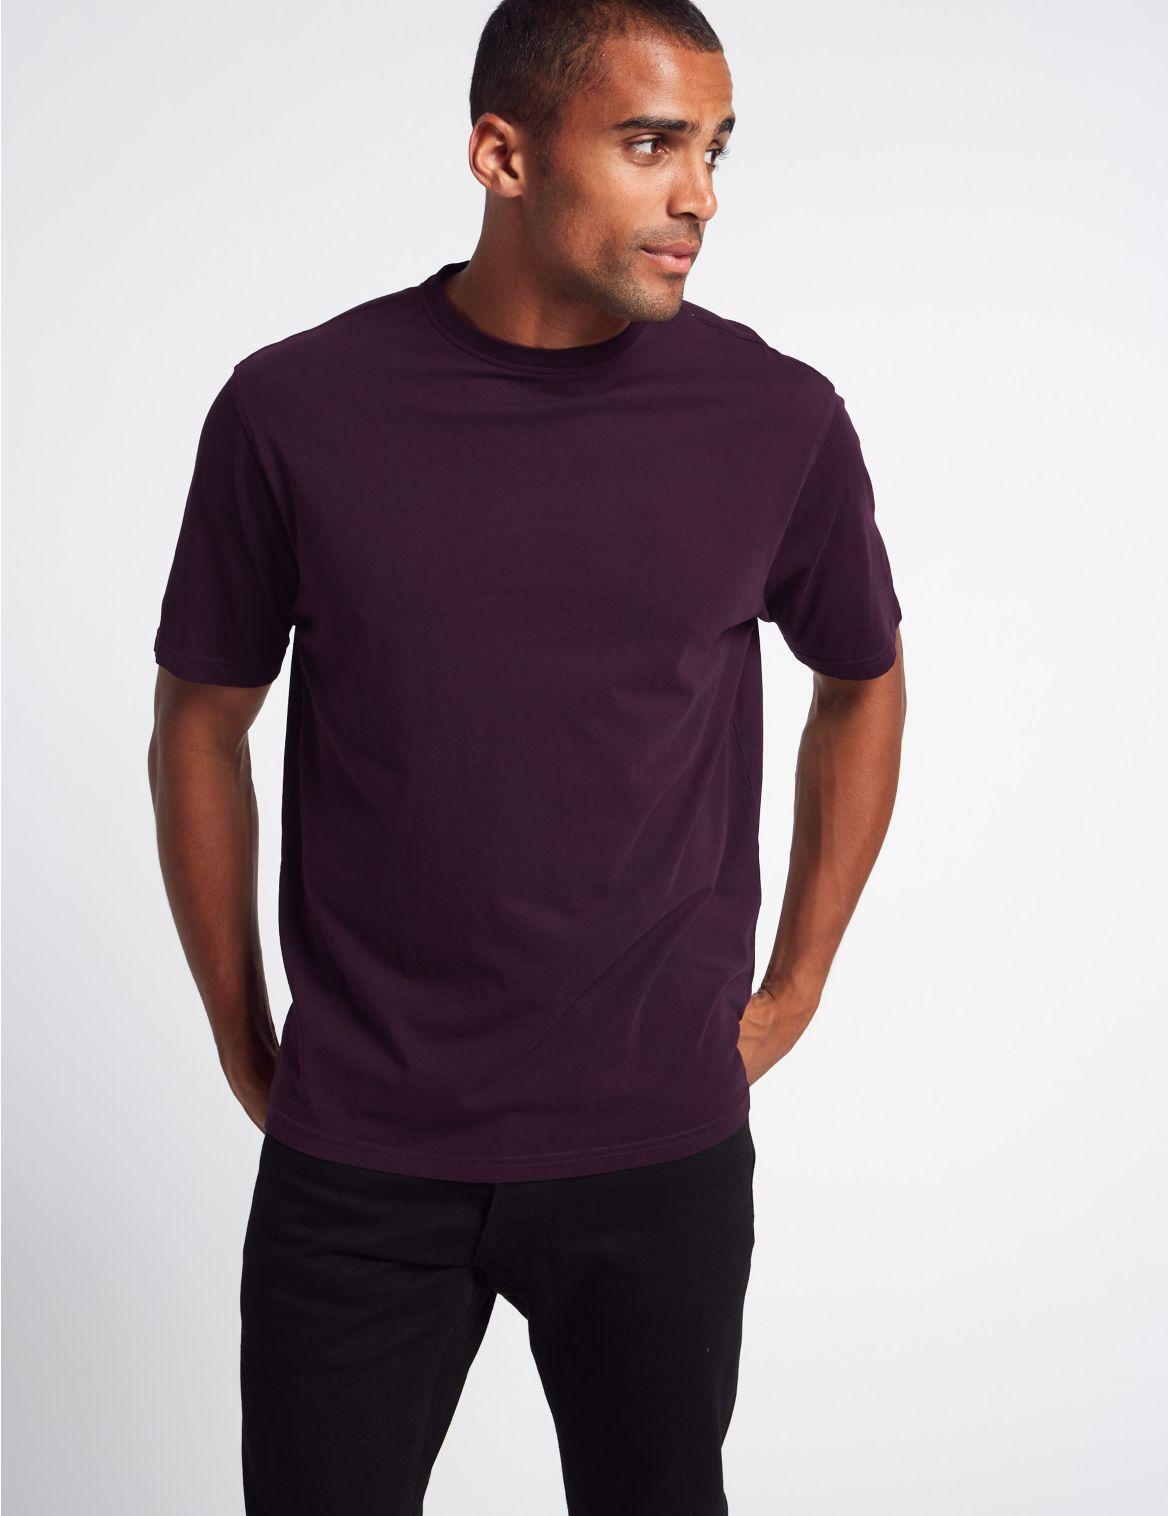 T-shirt 100% coton, doté de la technologie Cool Comfort™